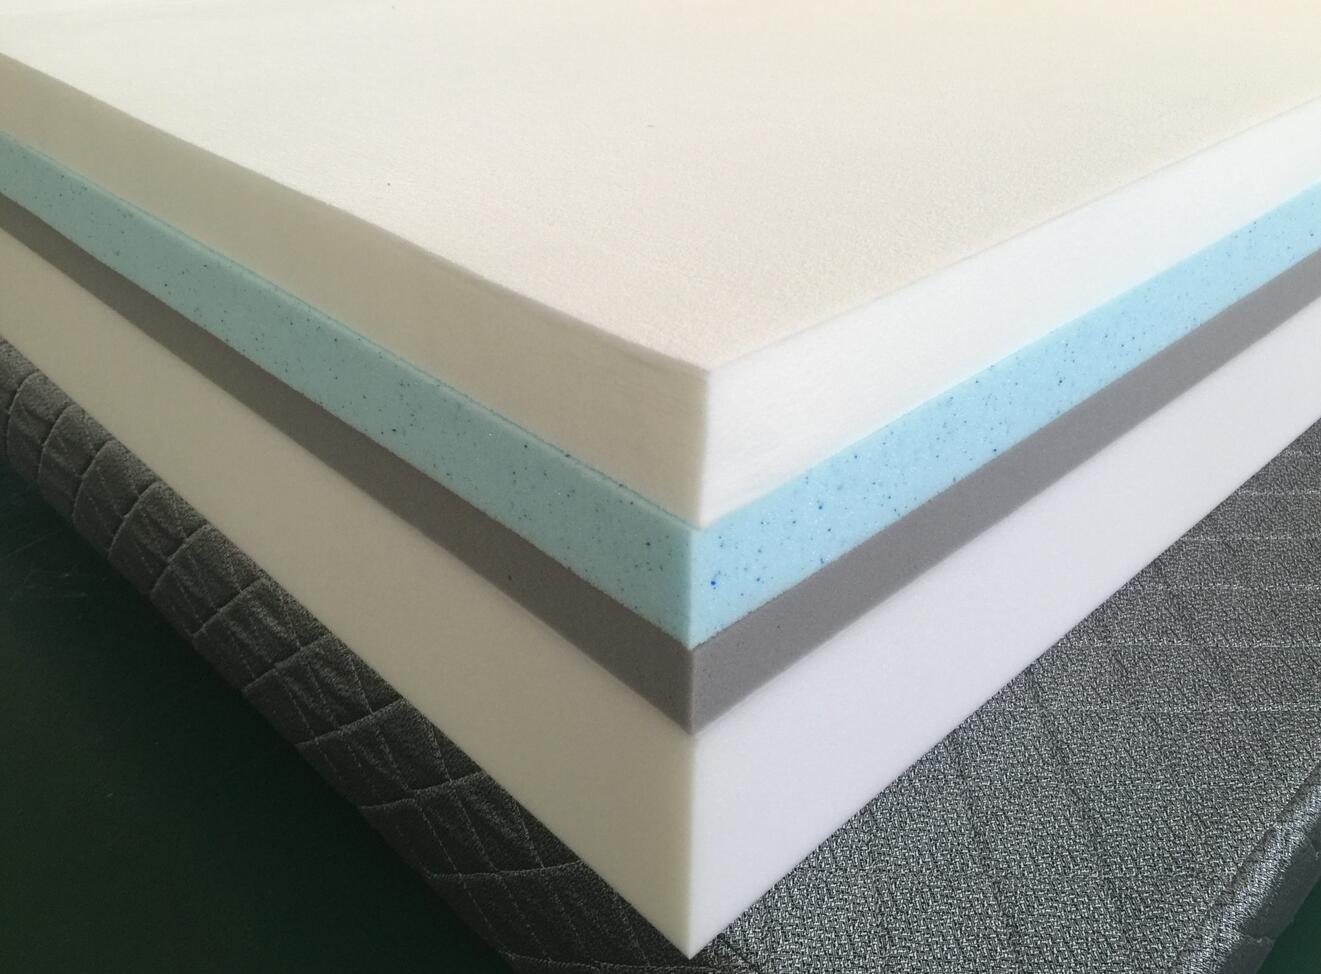 Premier luxury comfort latex cool gel memory foam mattress roll in color box - Jozy Mattress   Jozy.net